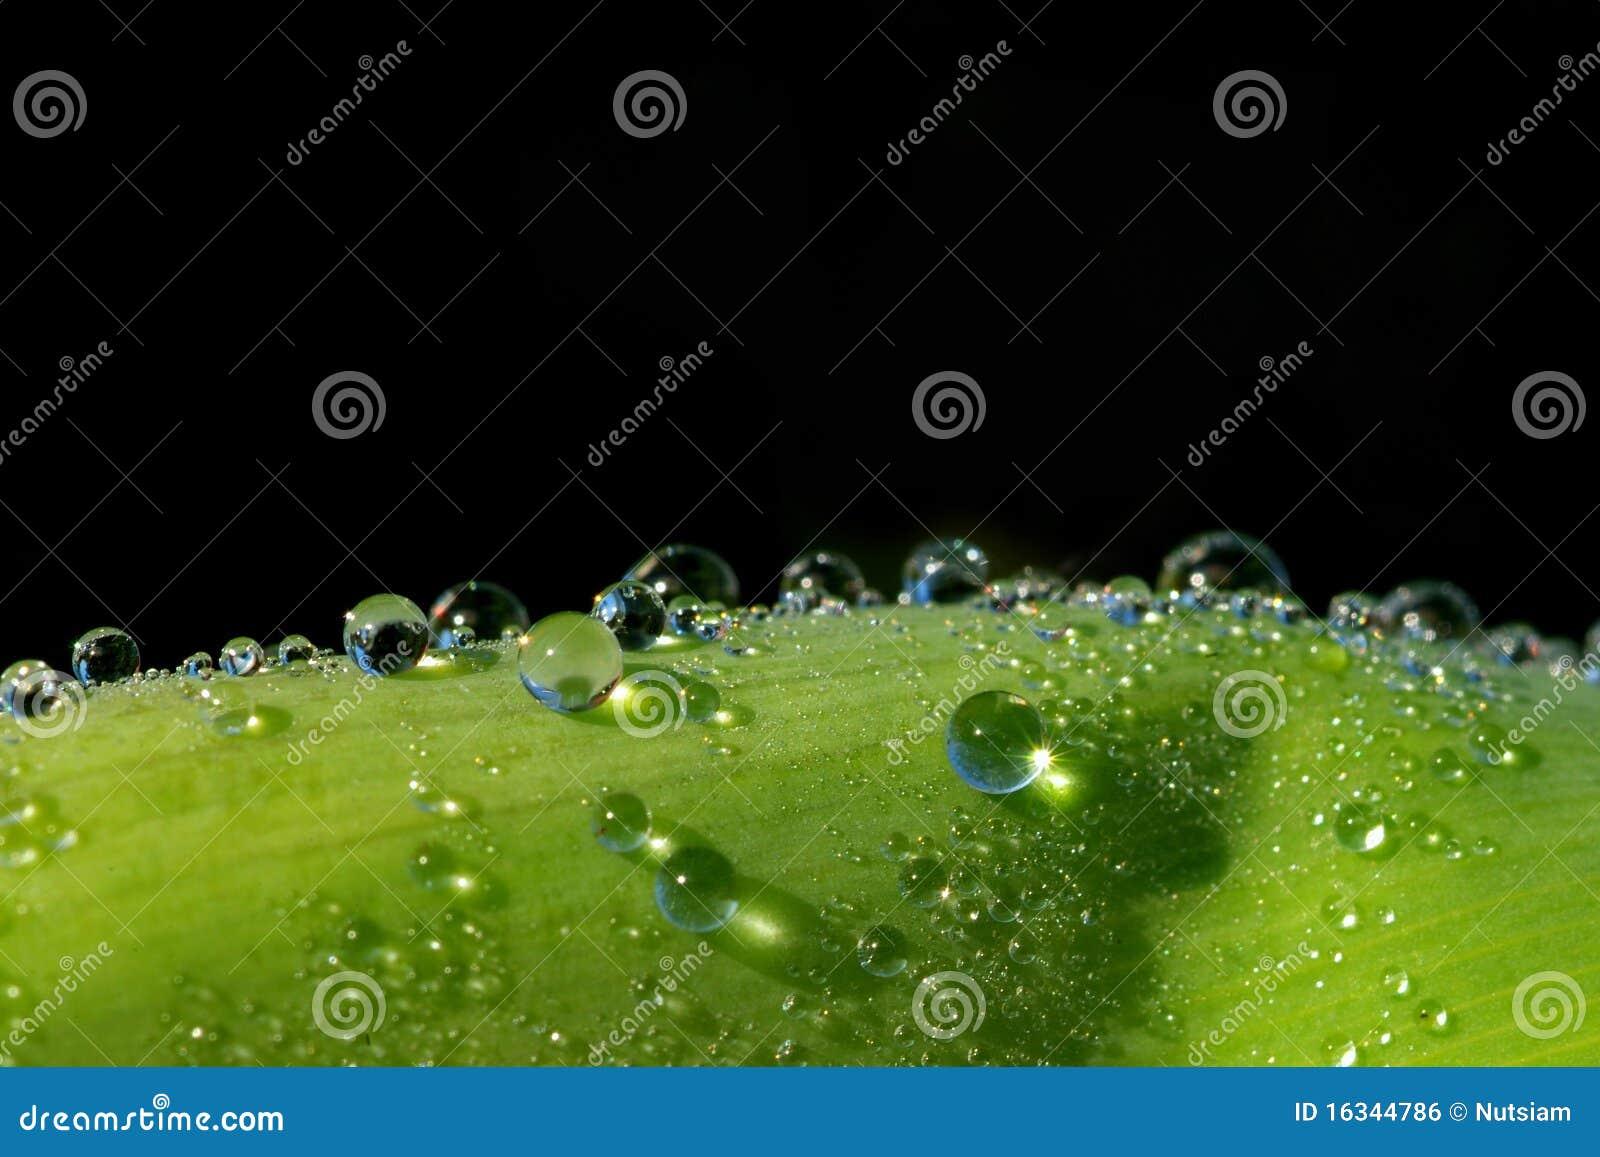 Hellgrüne Blätter im Tageslicht